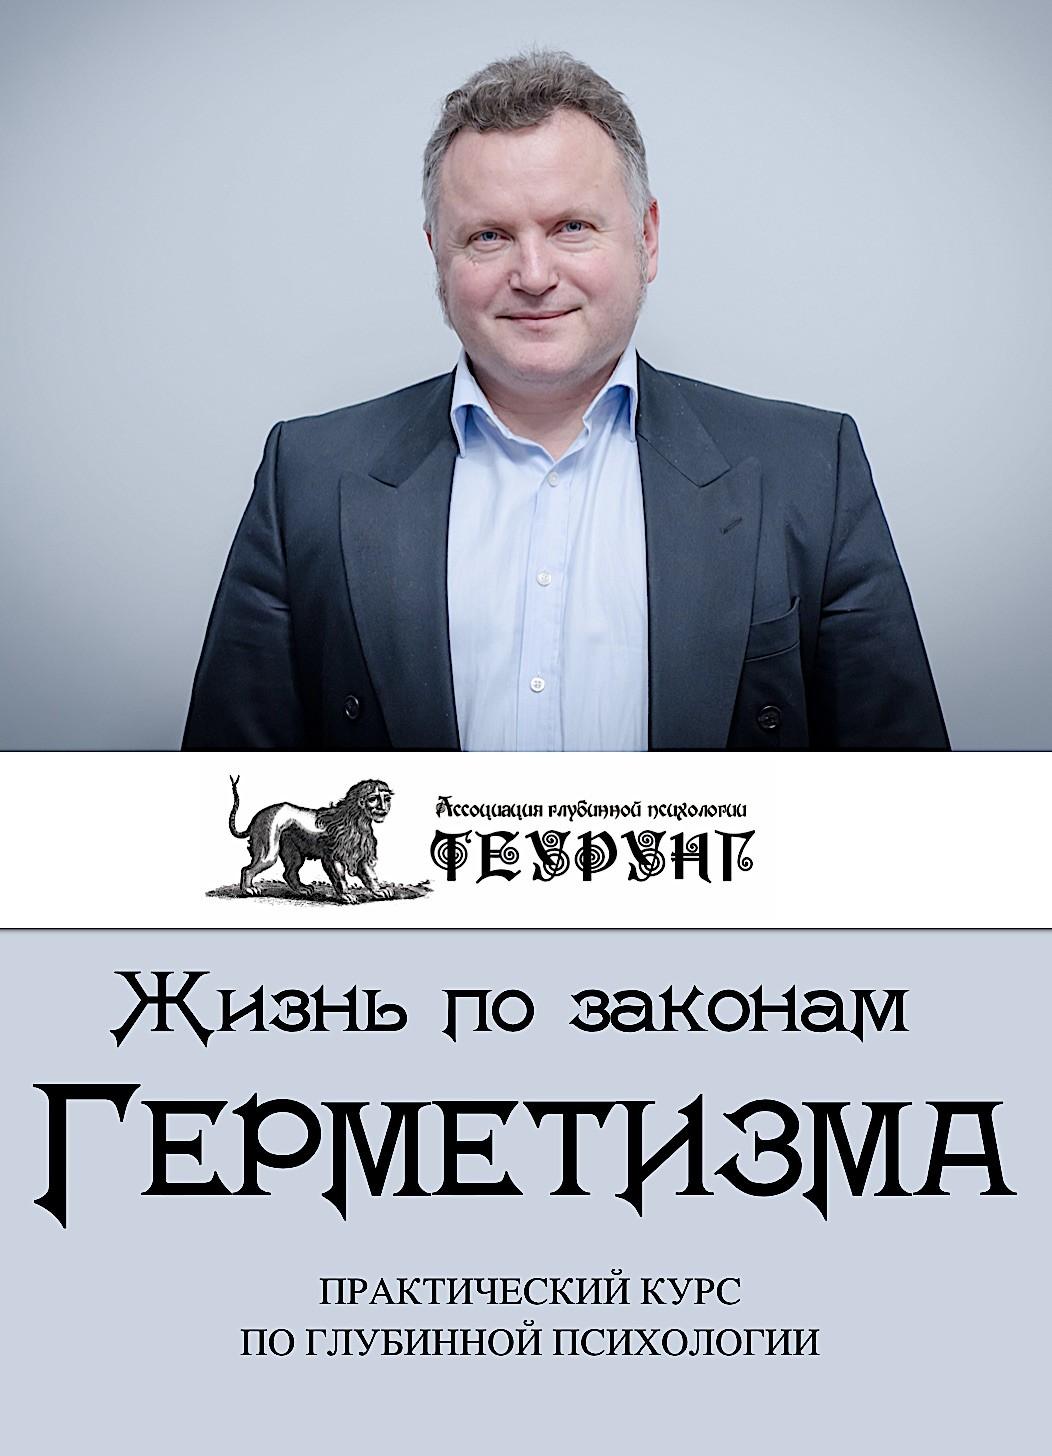 Киев. Жизнь по законам Герметизма. Программа по глубинной психологии.